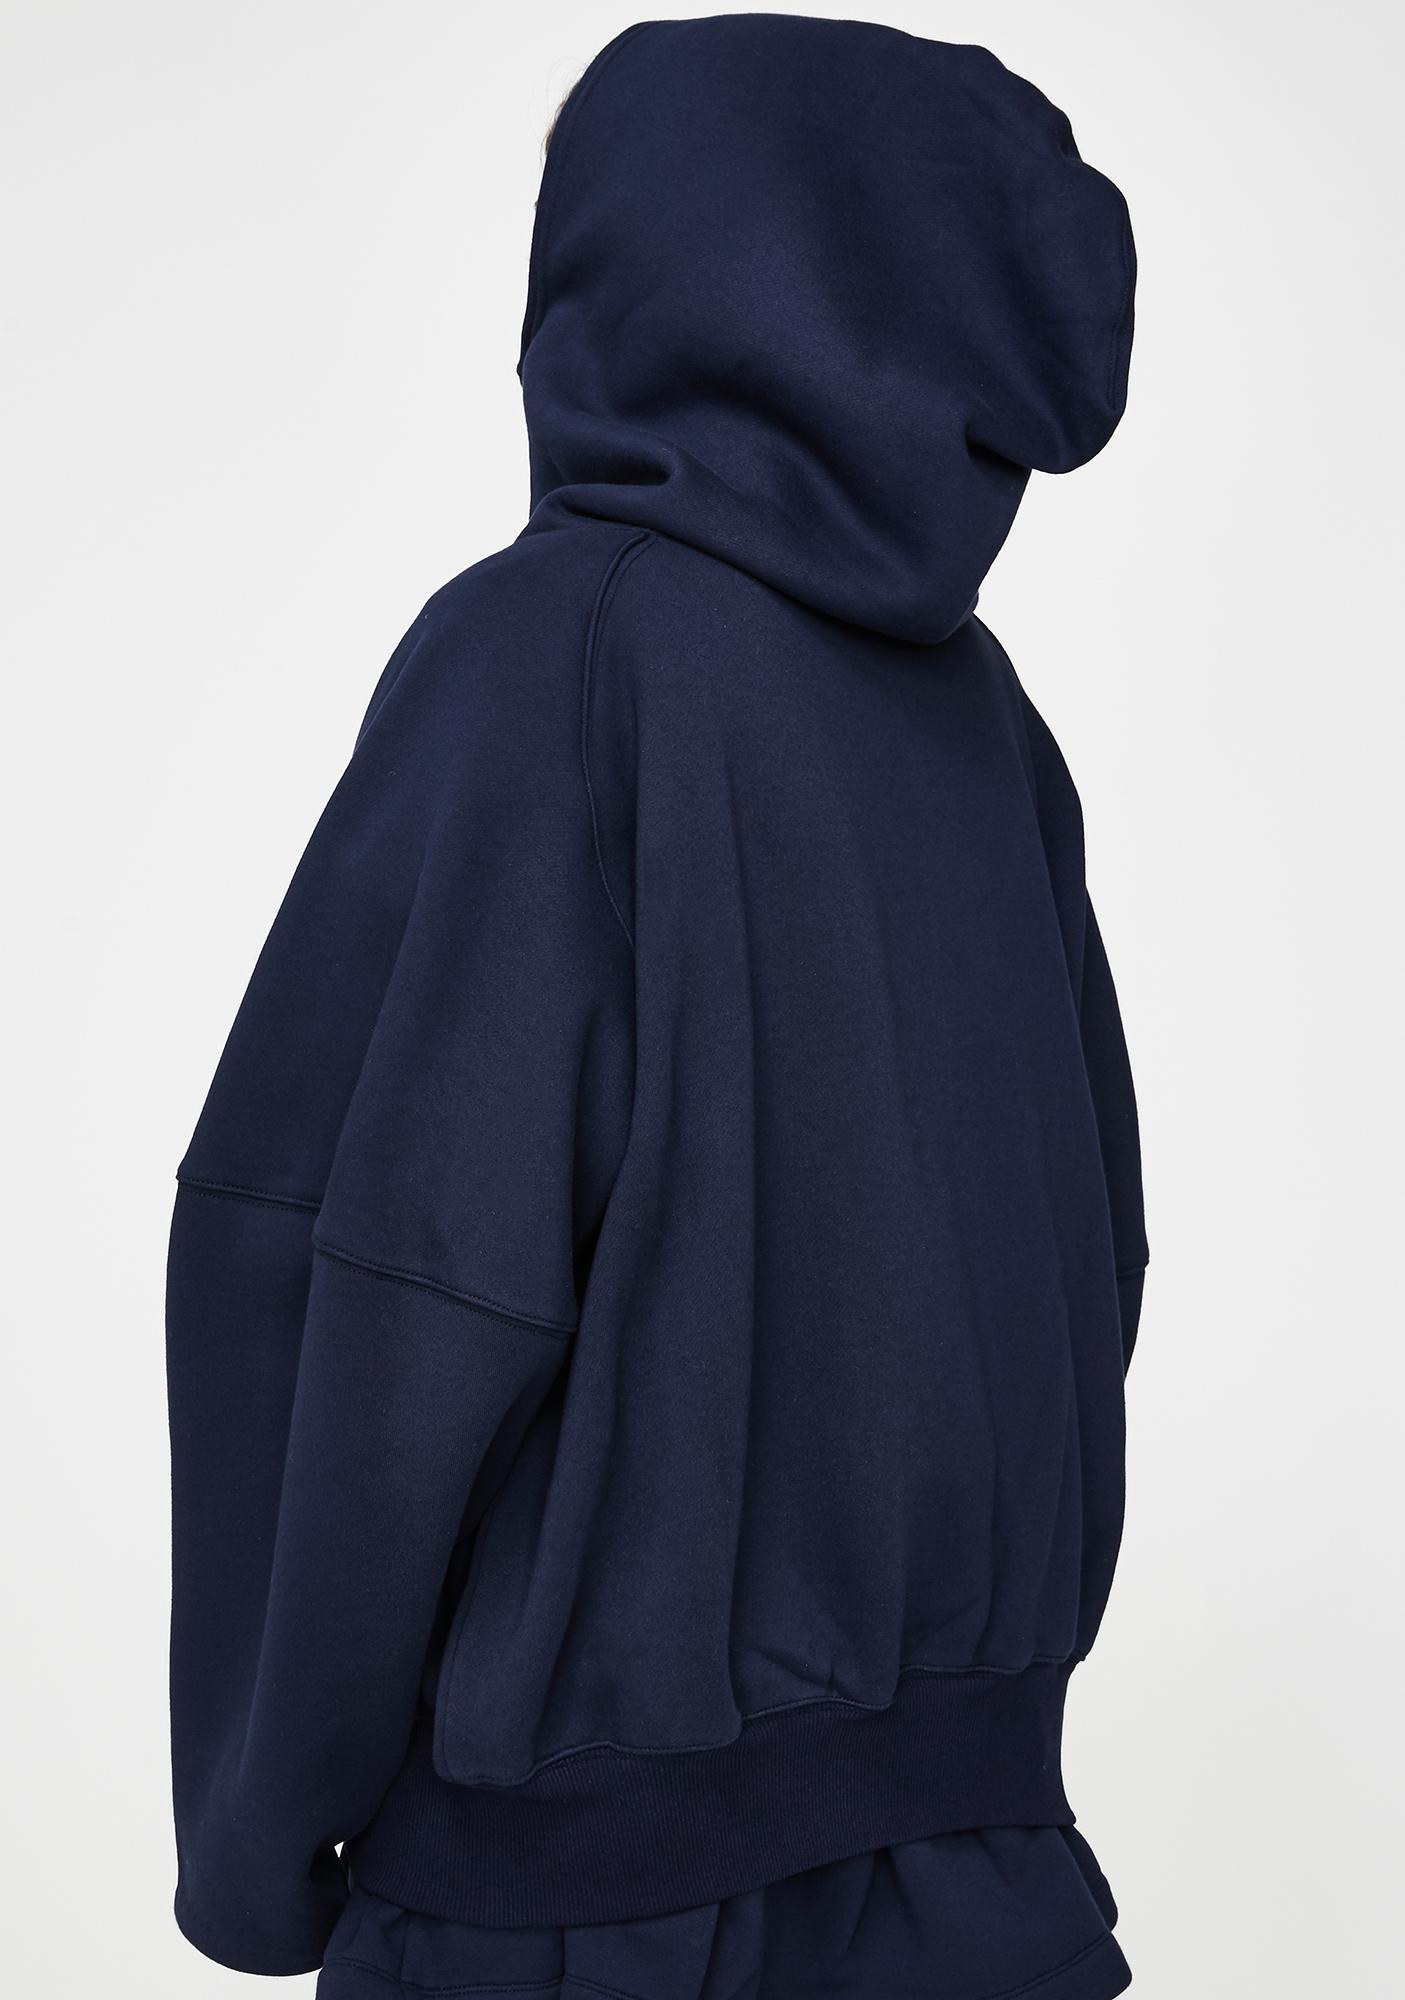 Selkie Navy Brooklyn Zip Up Jacket